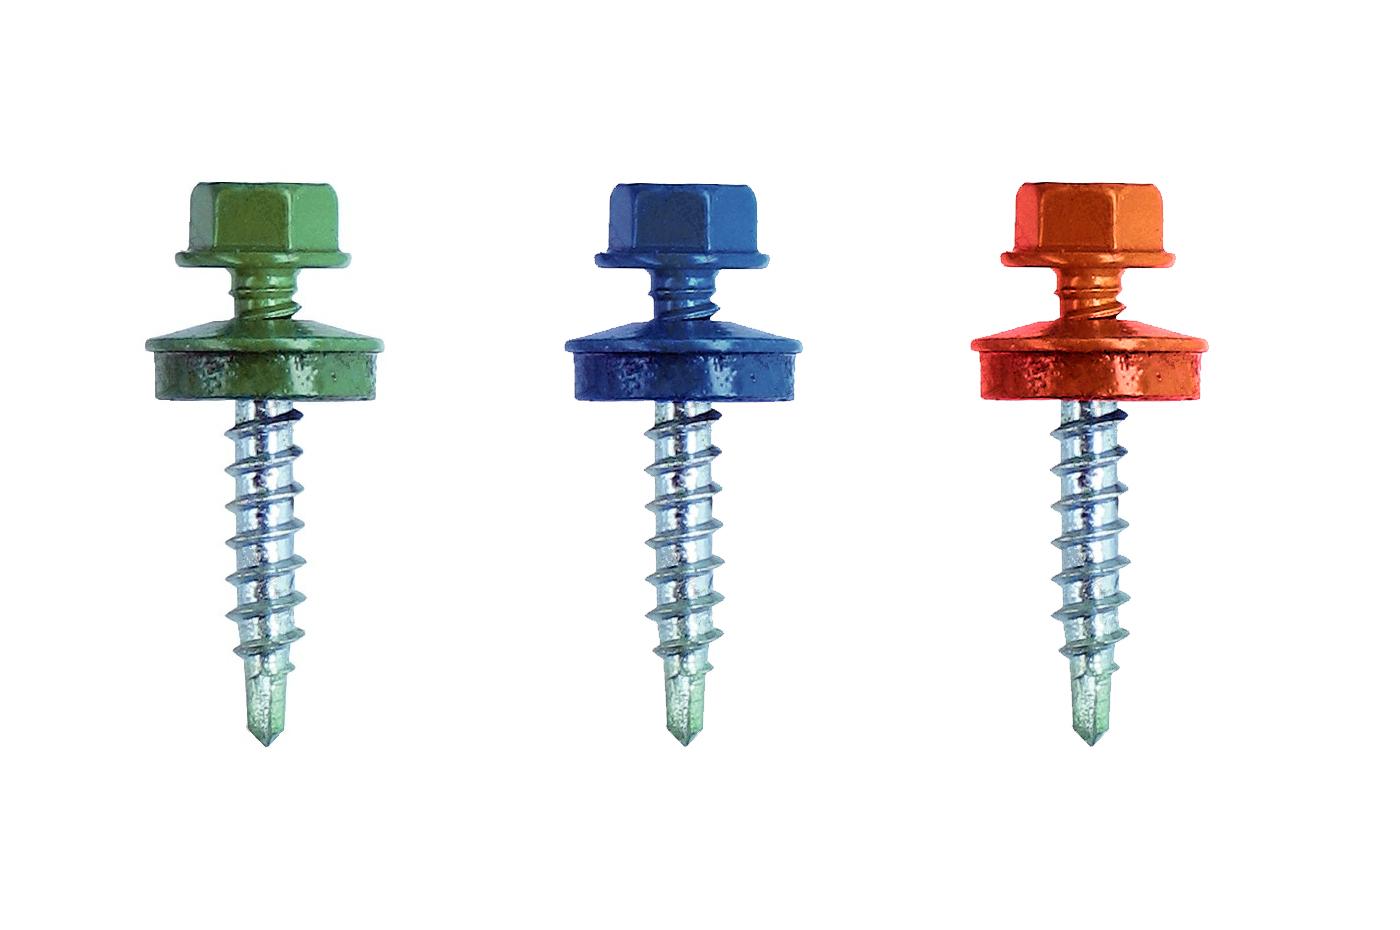 Саморезы для кровли 4.8x35 (6026) зеленый опал